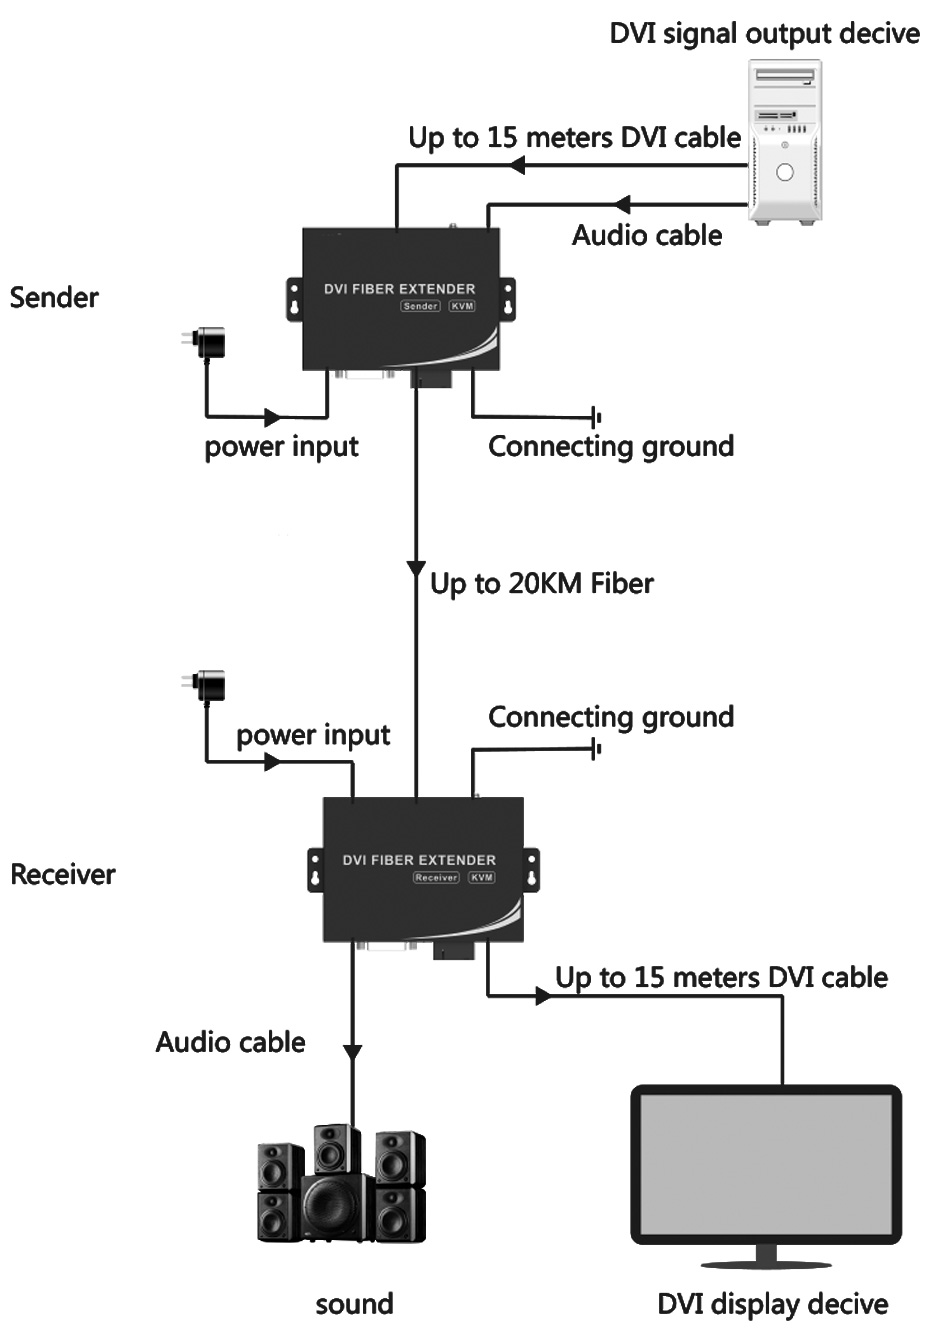 DVI fiber extender DF200 connection diagram